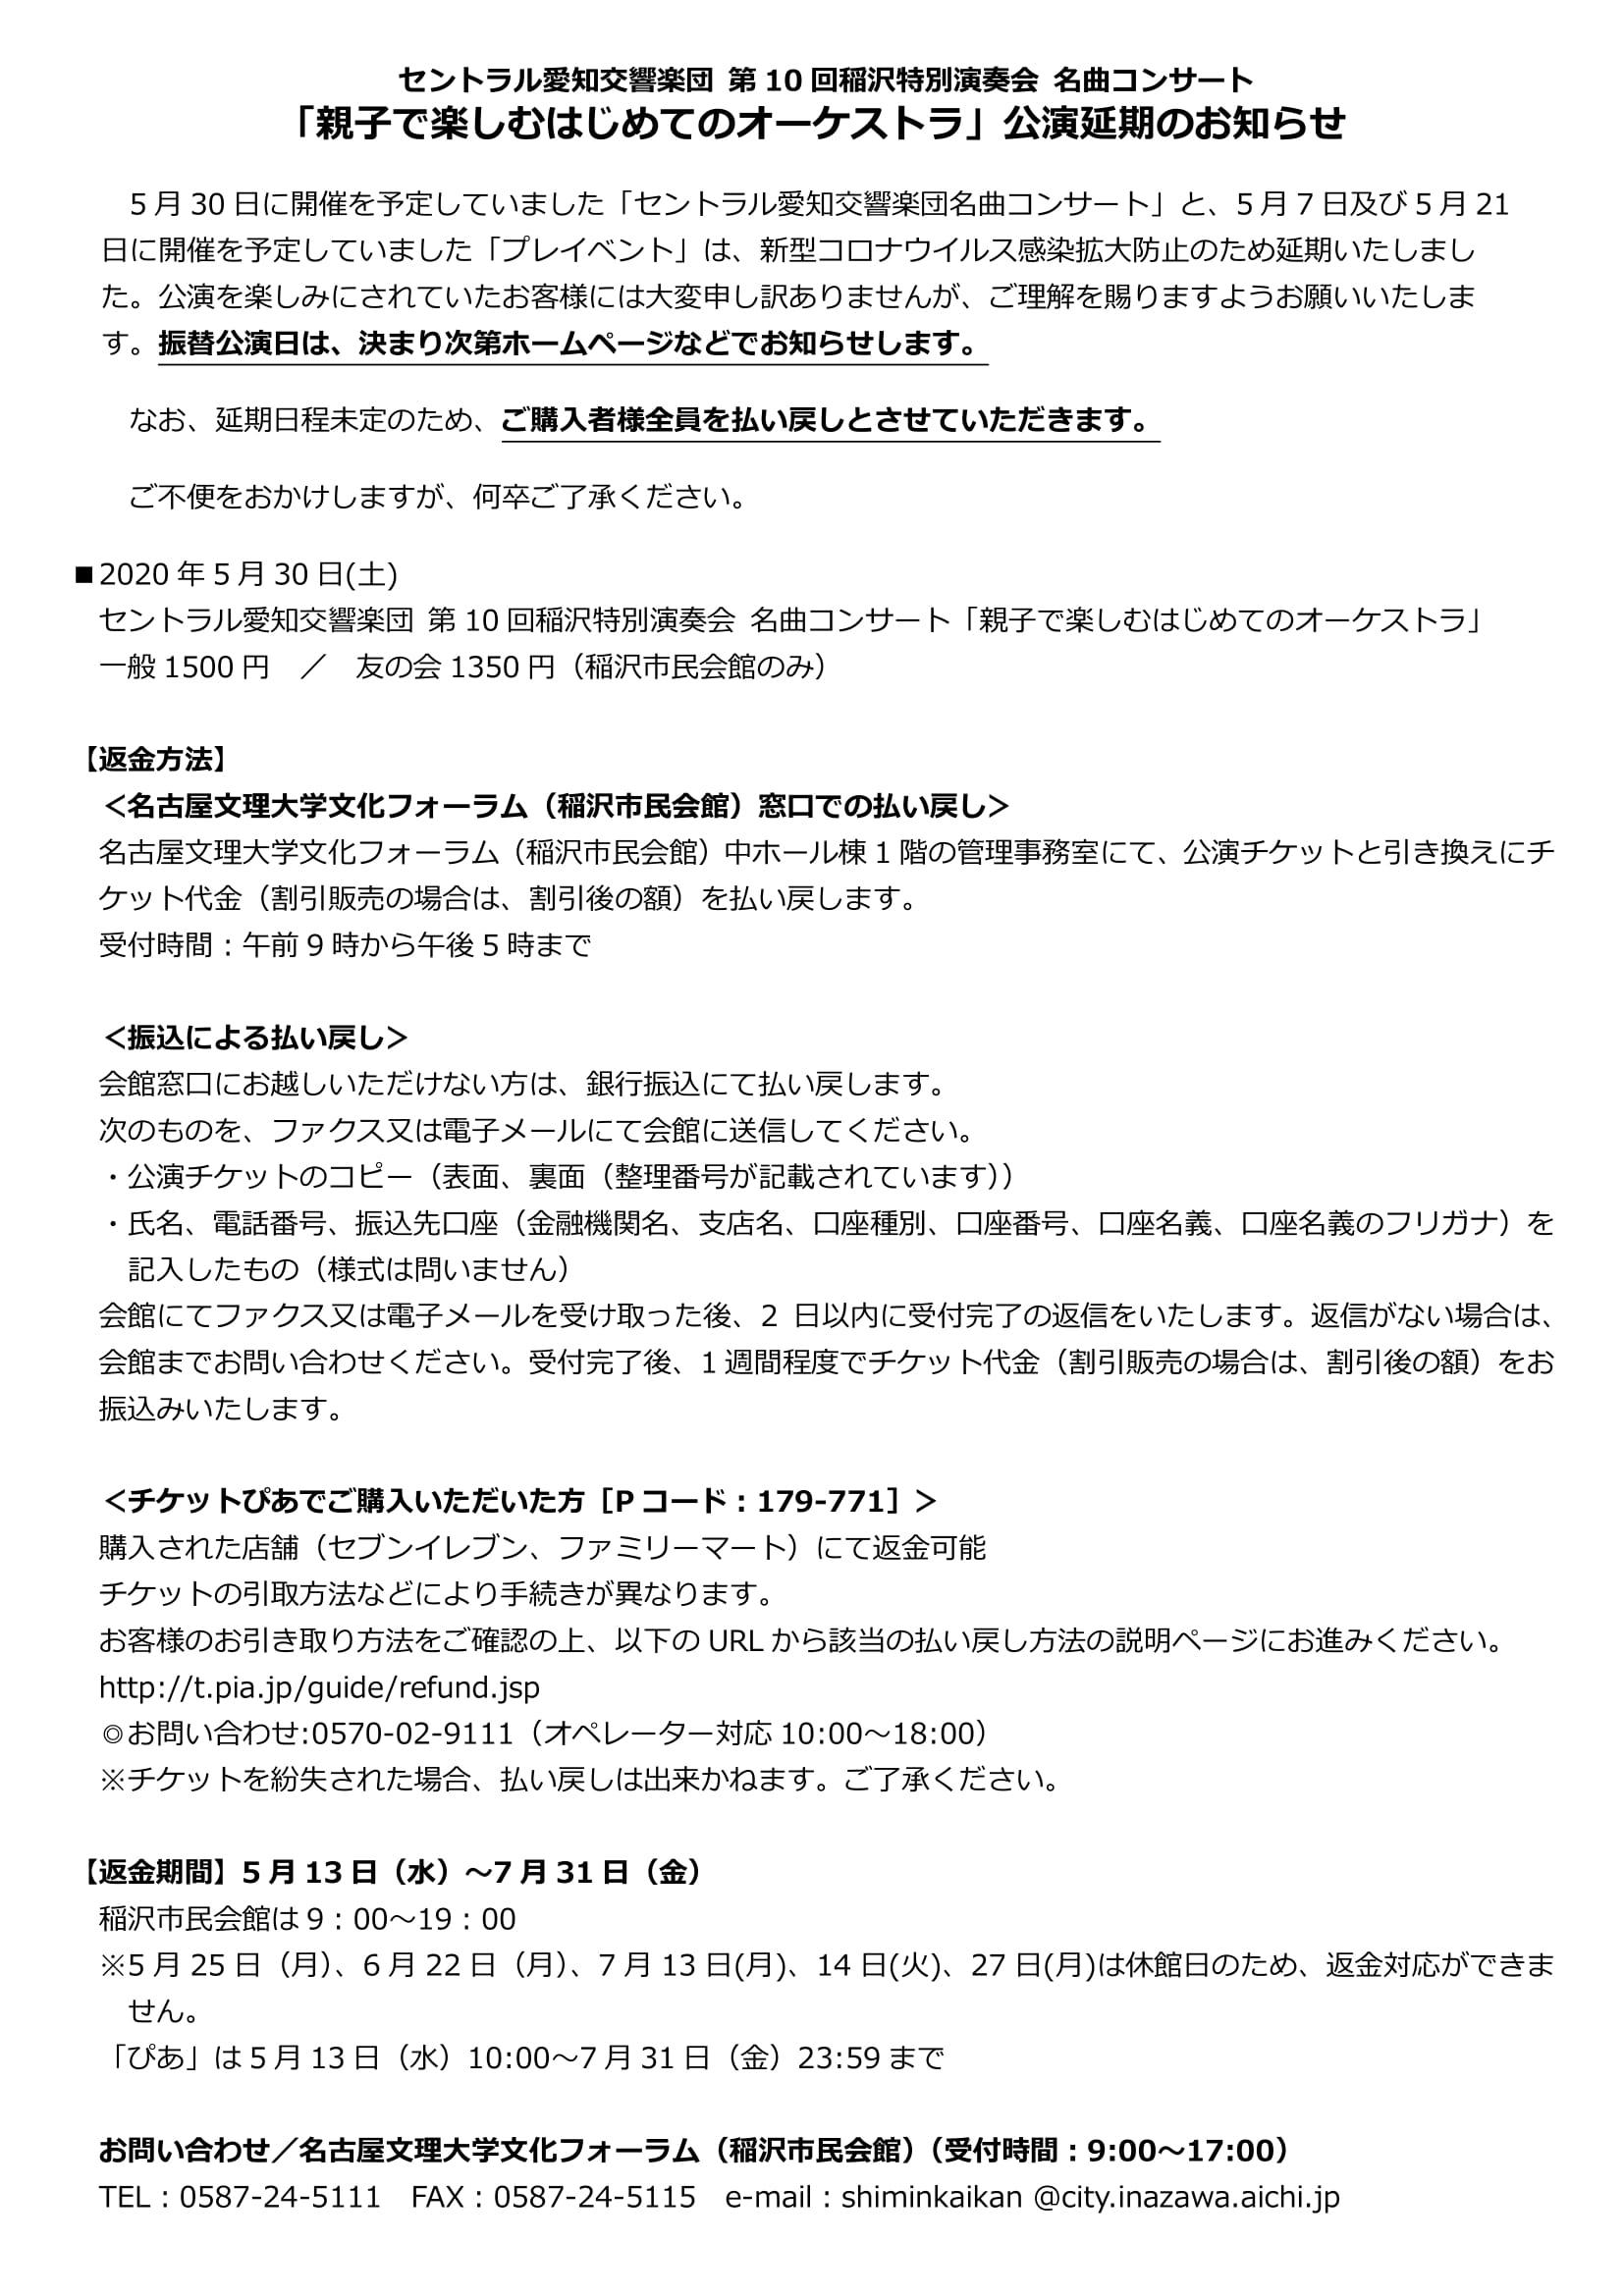 【公演延期→日程未定】第10回稲沢特別演奏会 名曲コンサート 親子で楽しむはじめてのオーケストラ